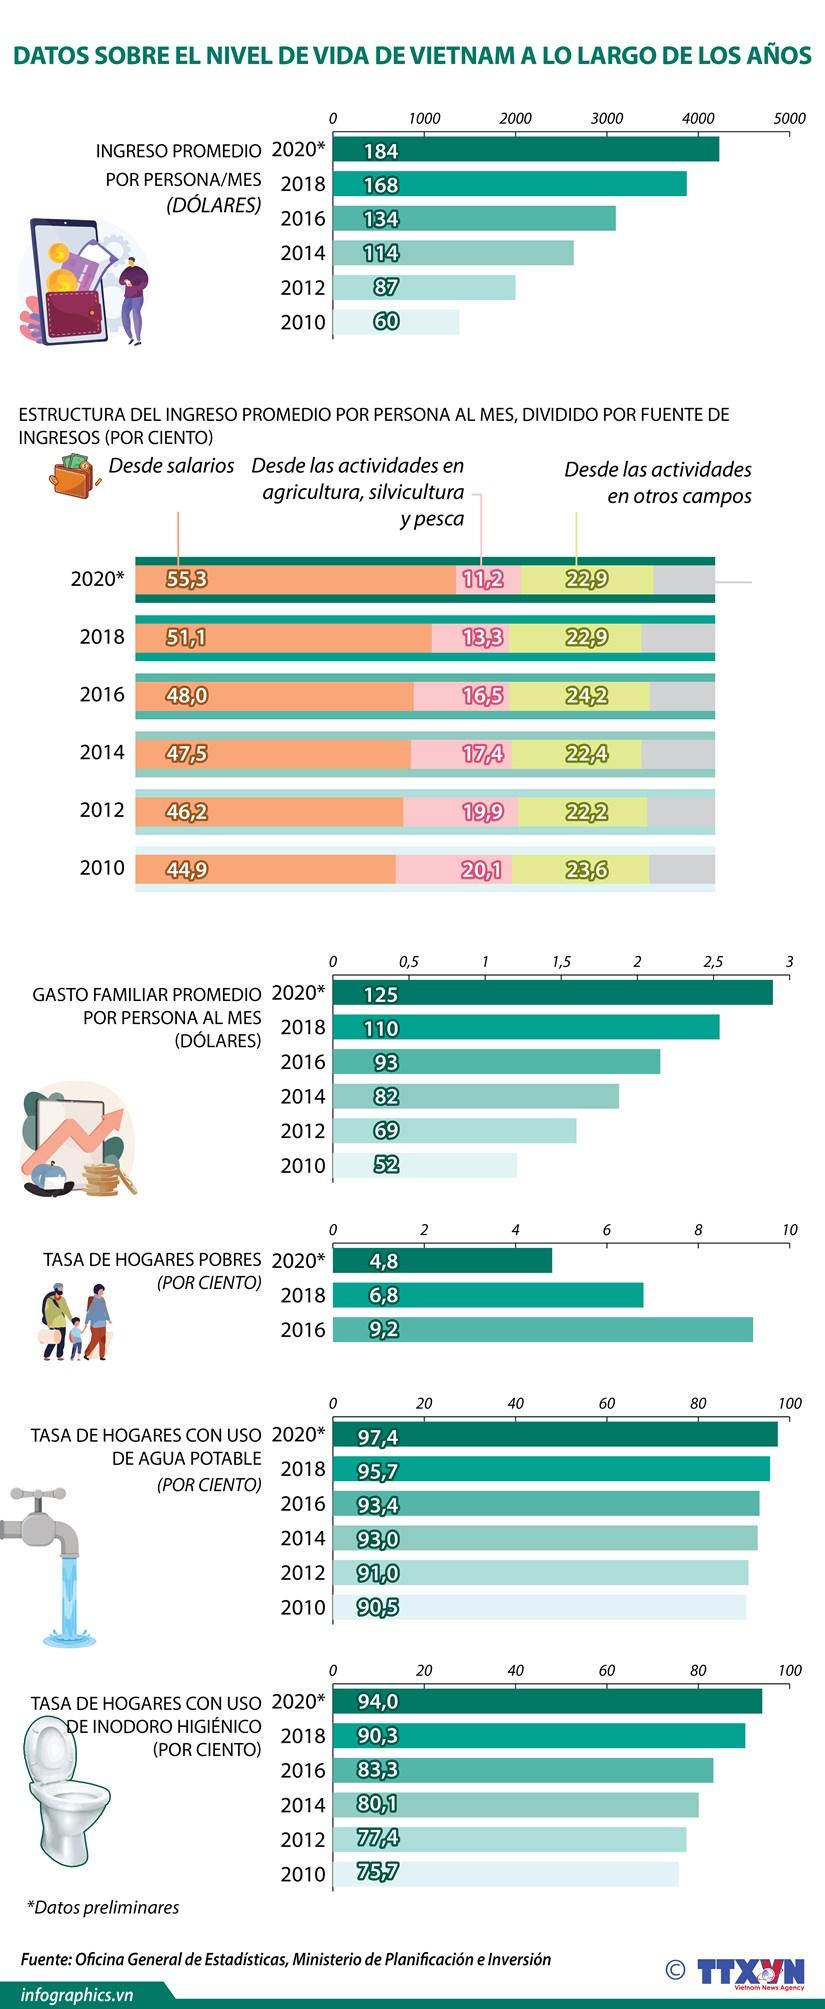 Datos sobre el nivel de vida en Vietnam a lo largo de los anos hinh anh 1